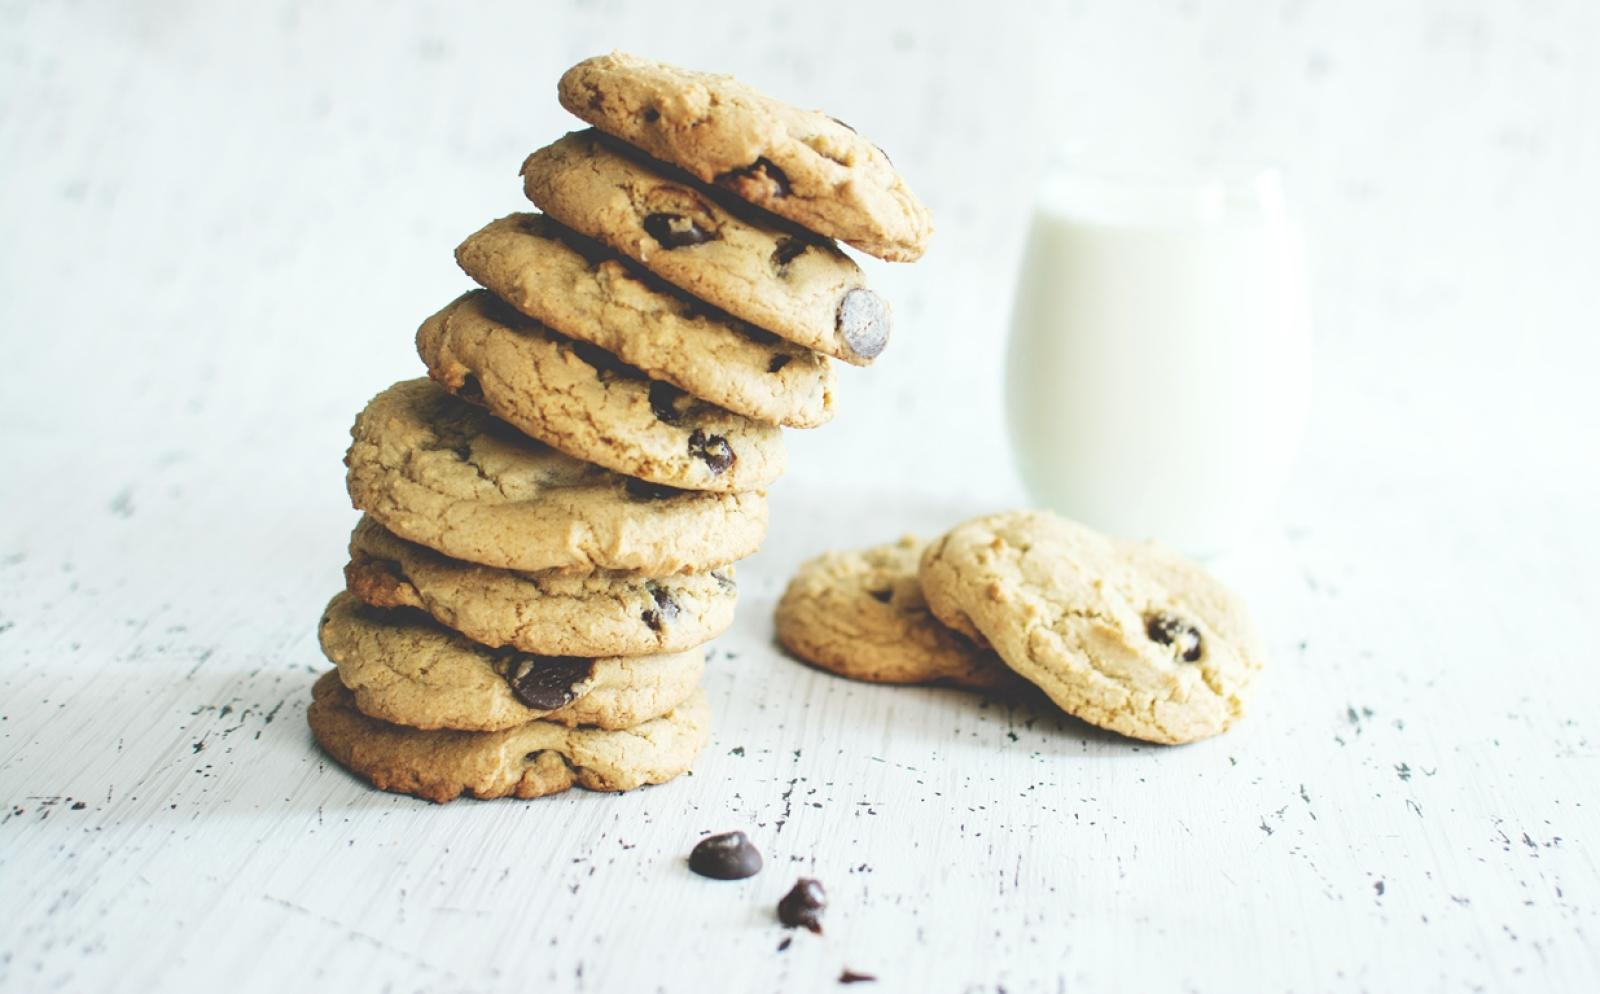 積み上げられたチョコチップクッキーとコップ一杯の牛乳